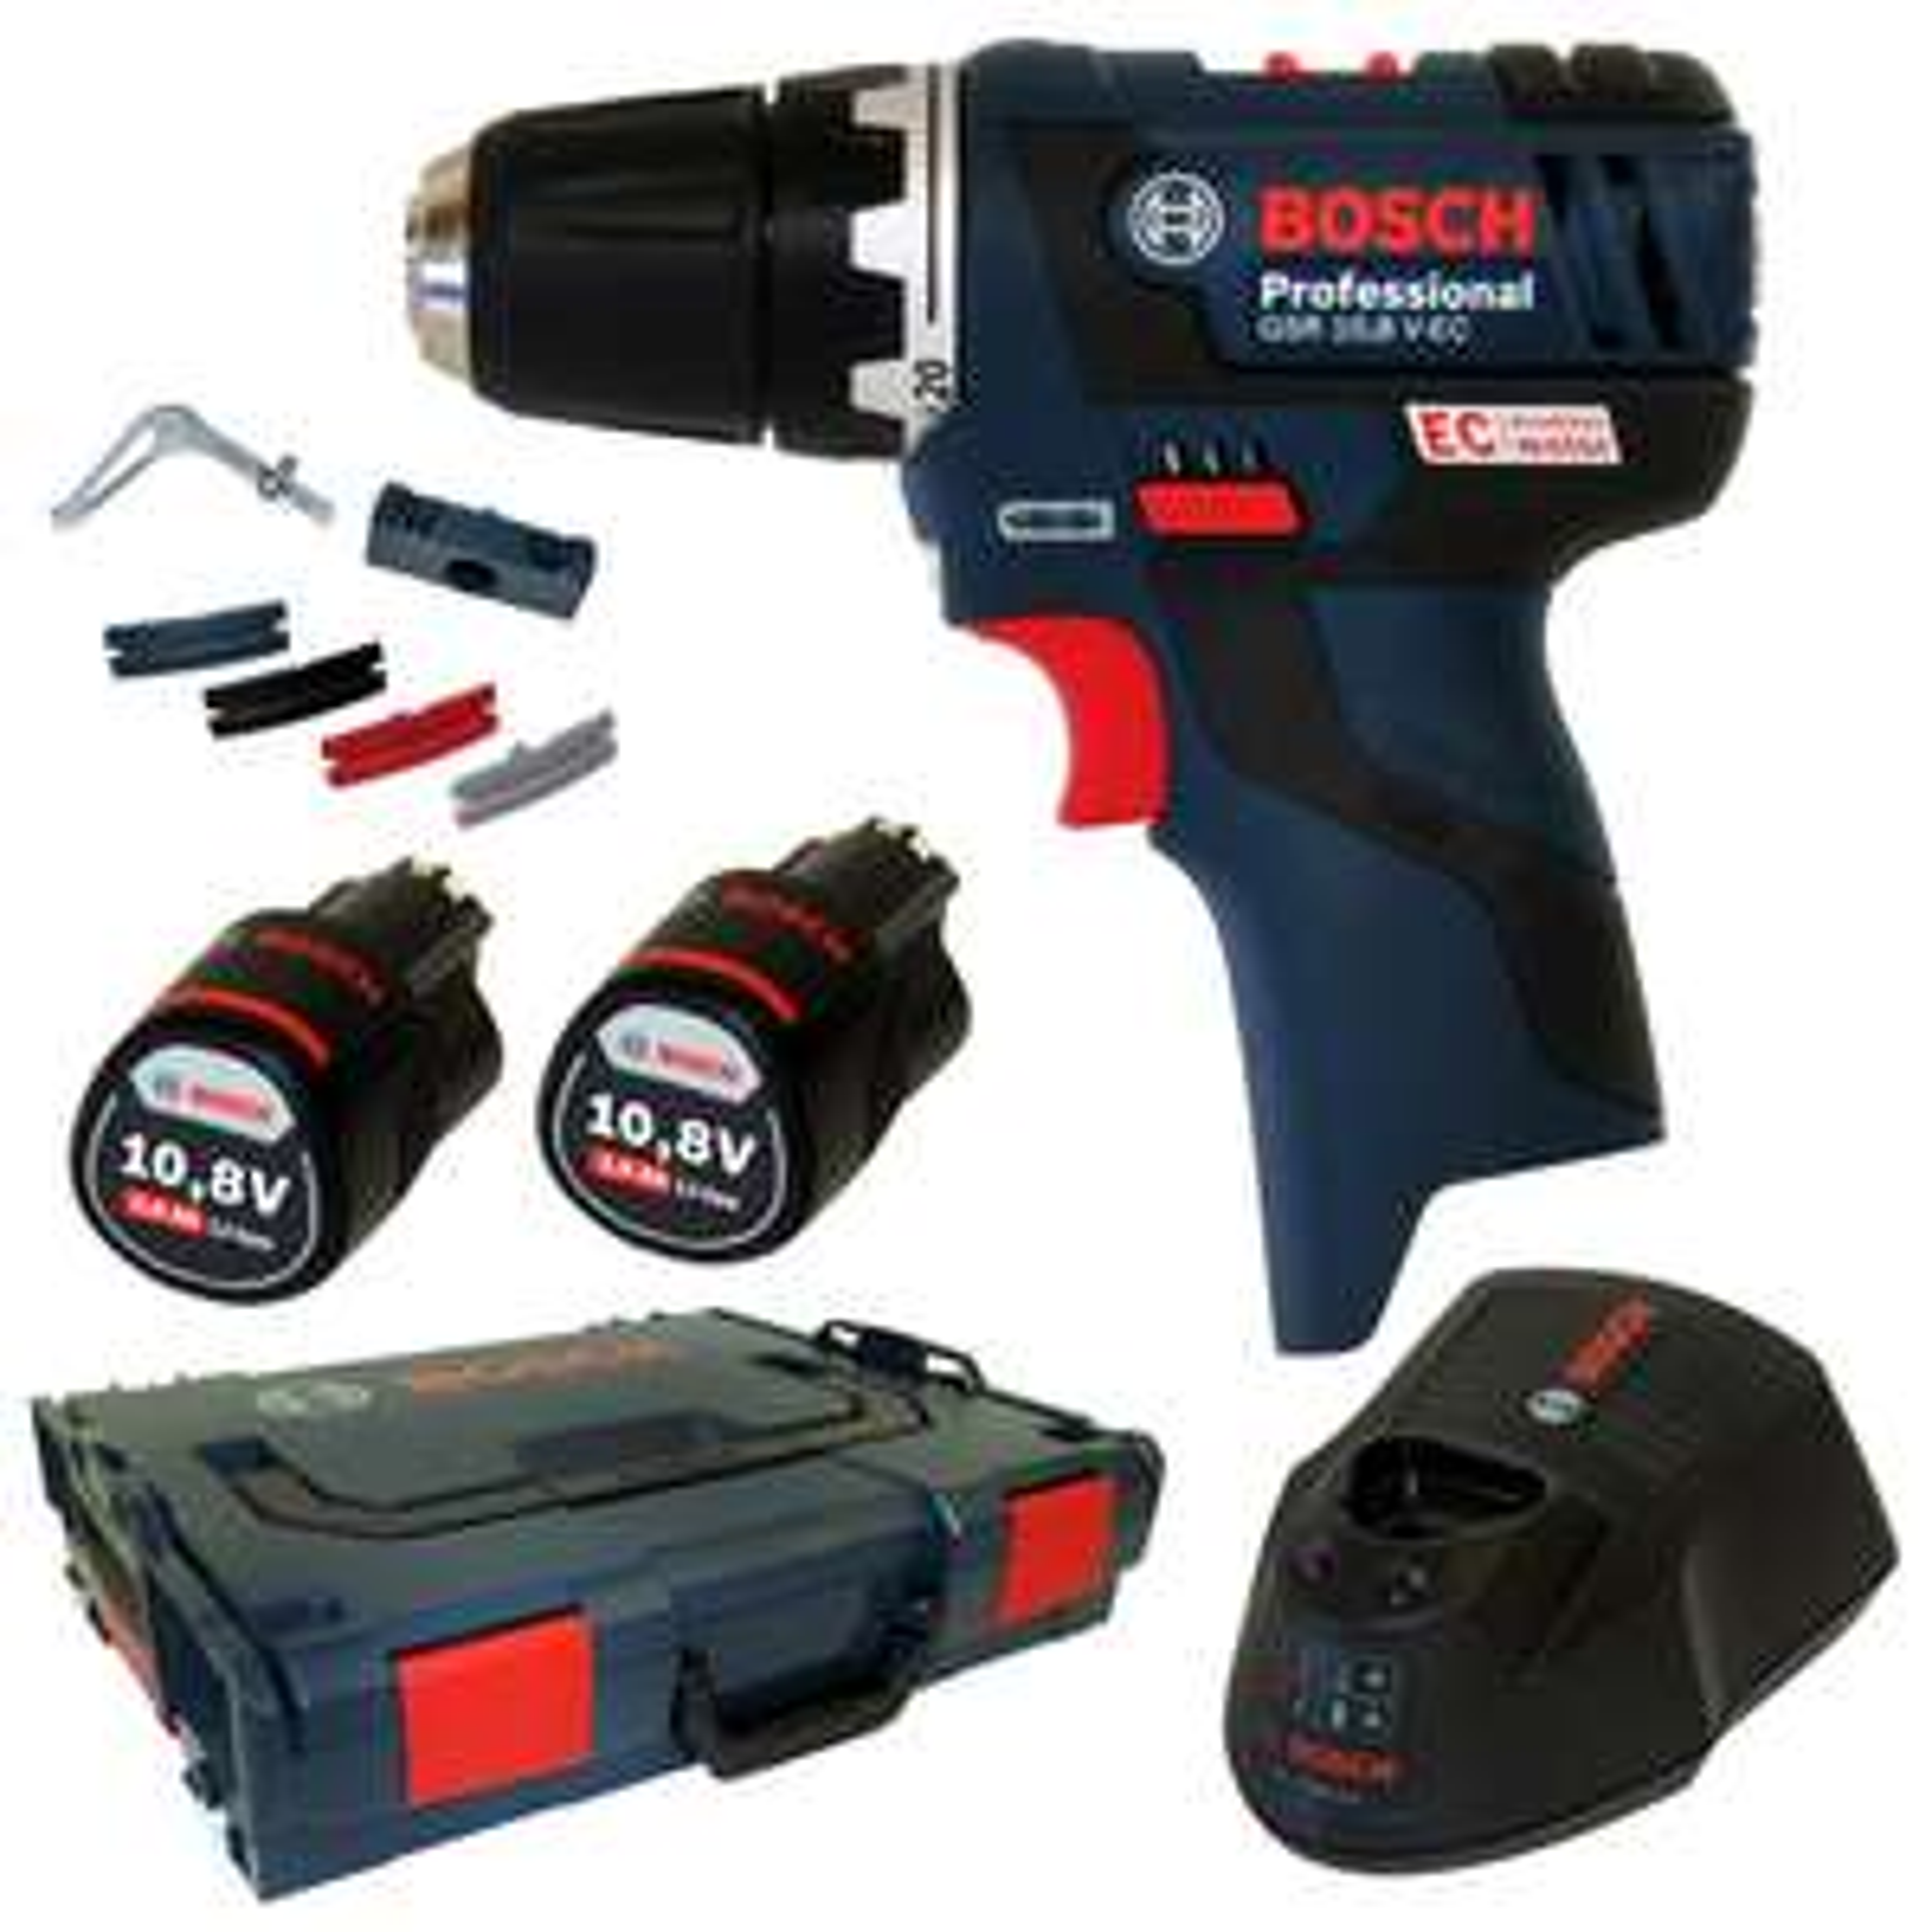 [Ebay] Bosch Akkuschrauber GSR 10,8 V-EC (GSR 12 V-20) + 2x 2,0Ah Akku + L-BOXX + Schnellladegerät für 136,99€ (131,51€ inkl. Payback)